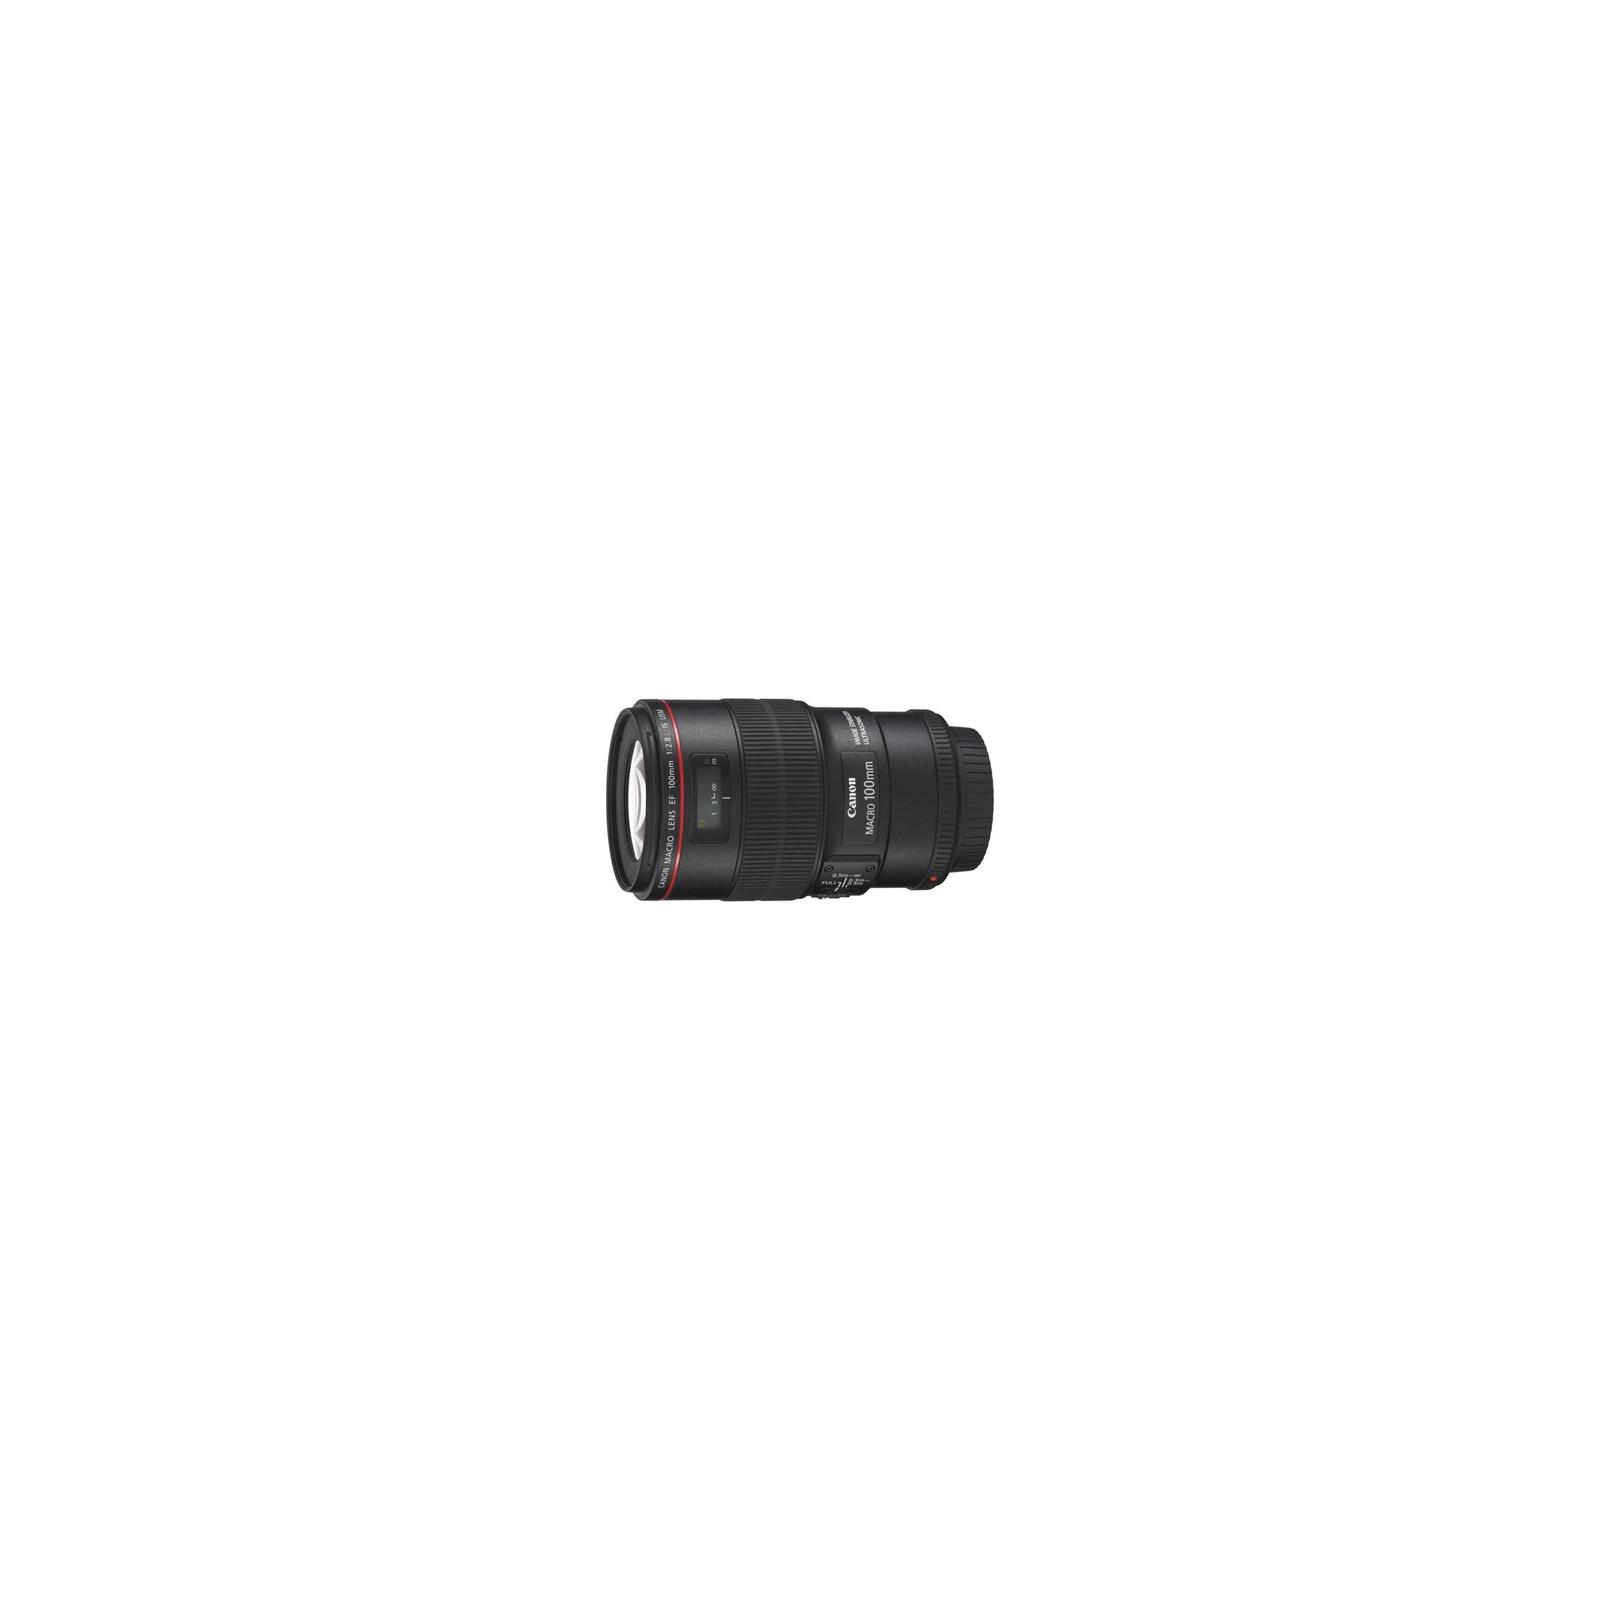 Объектив EF 100mm f/2.8L IS macro USM Canon (3554B005)